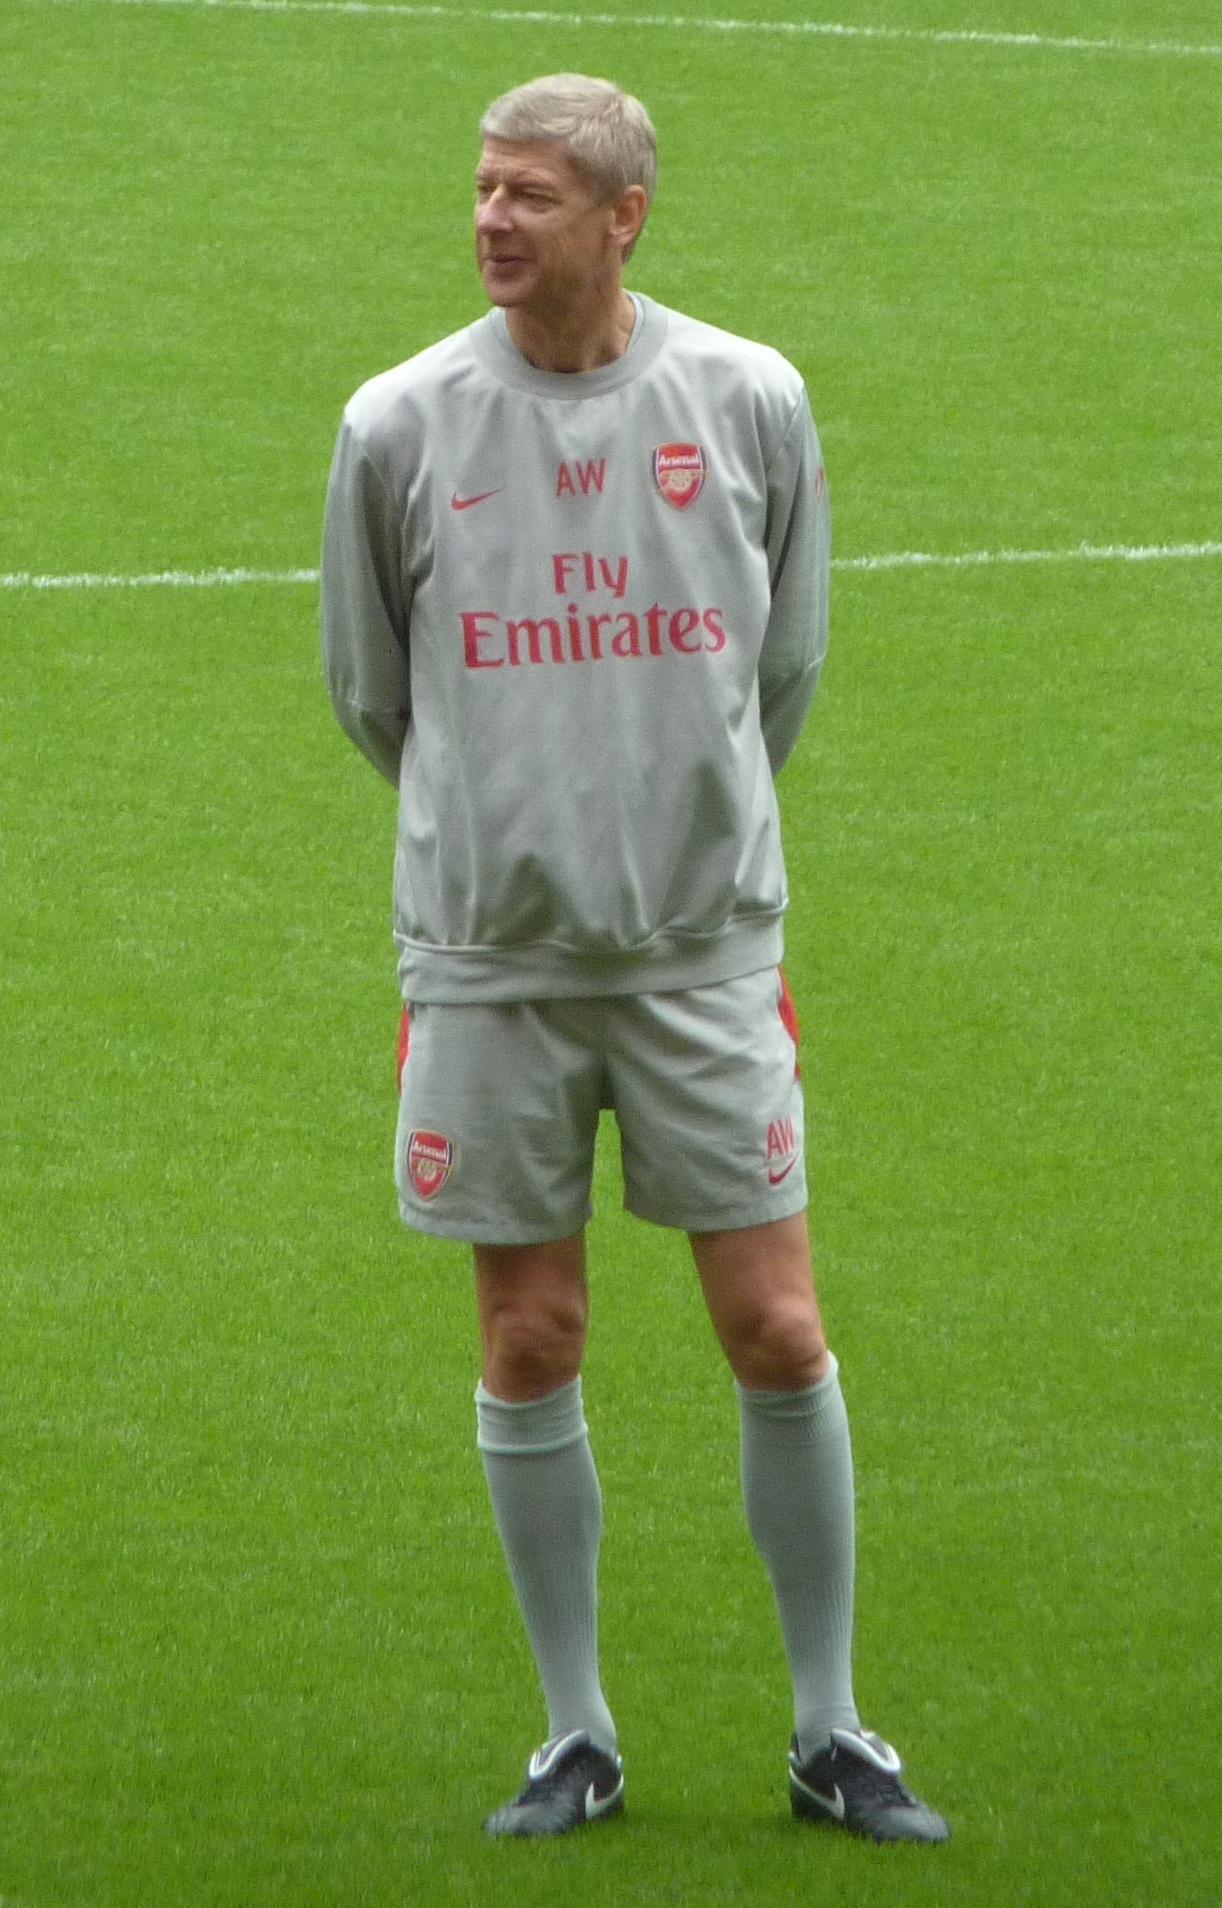 Description Arsene Wenger jpgArsene Wenger Player